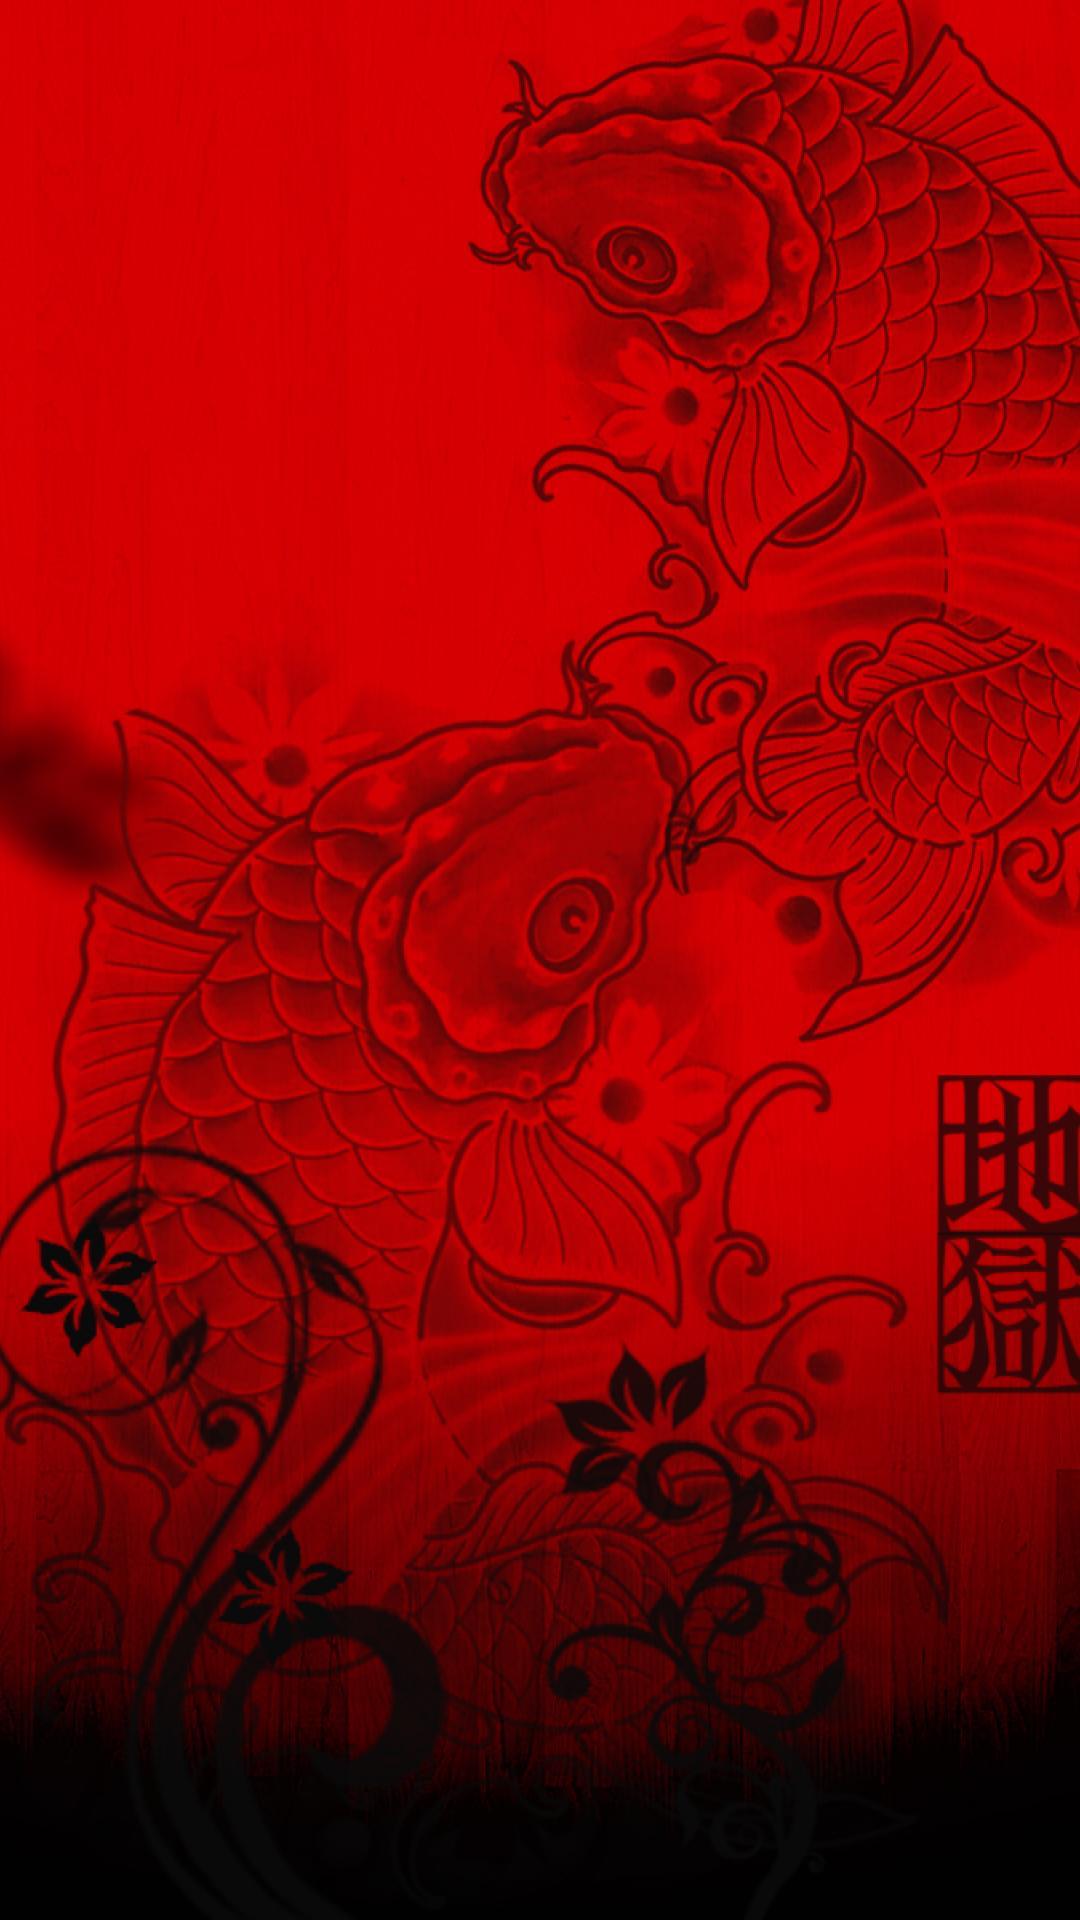 Black suit red tie wallpaper